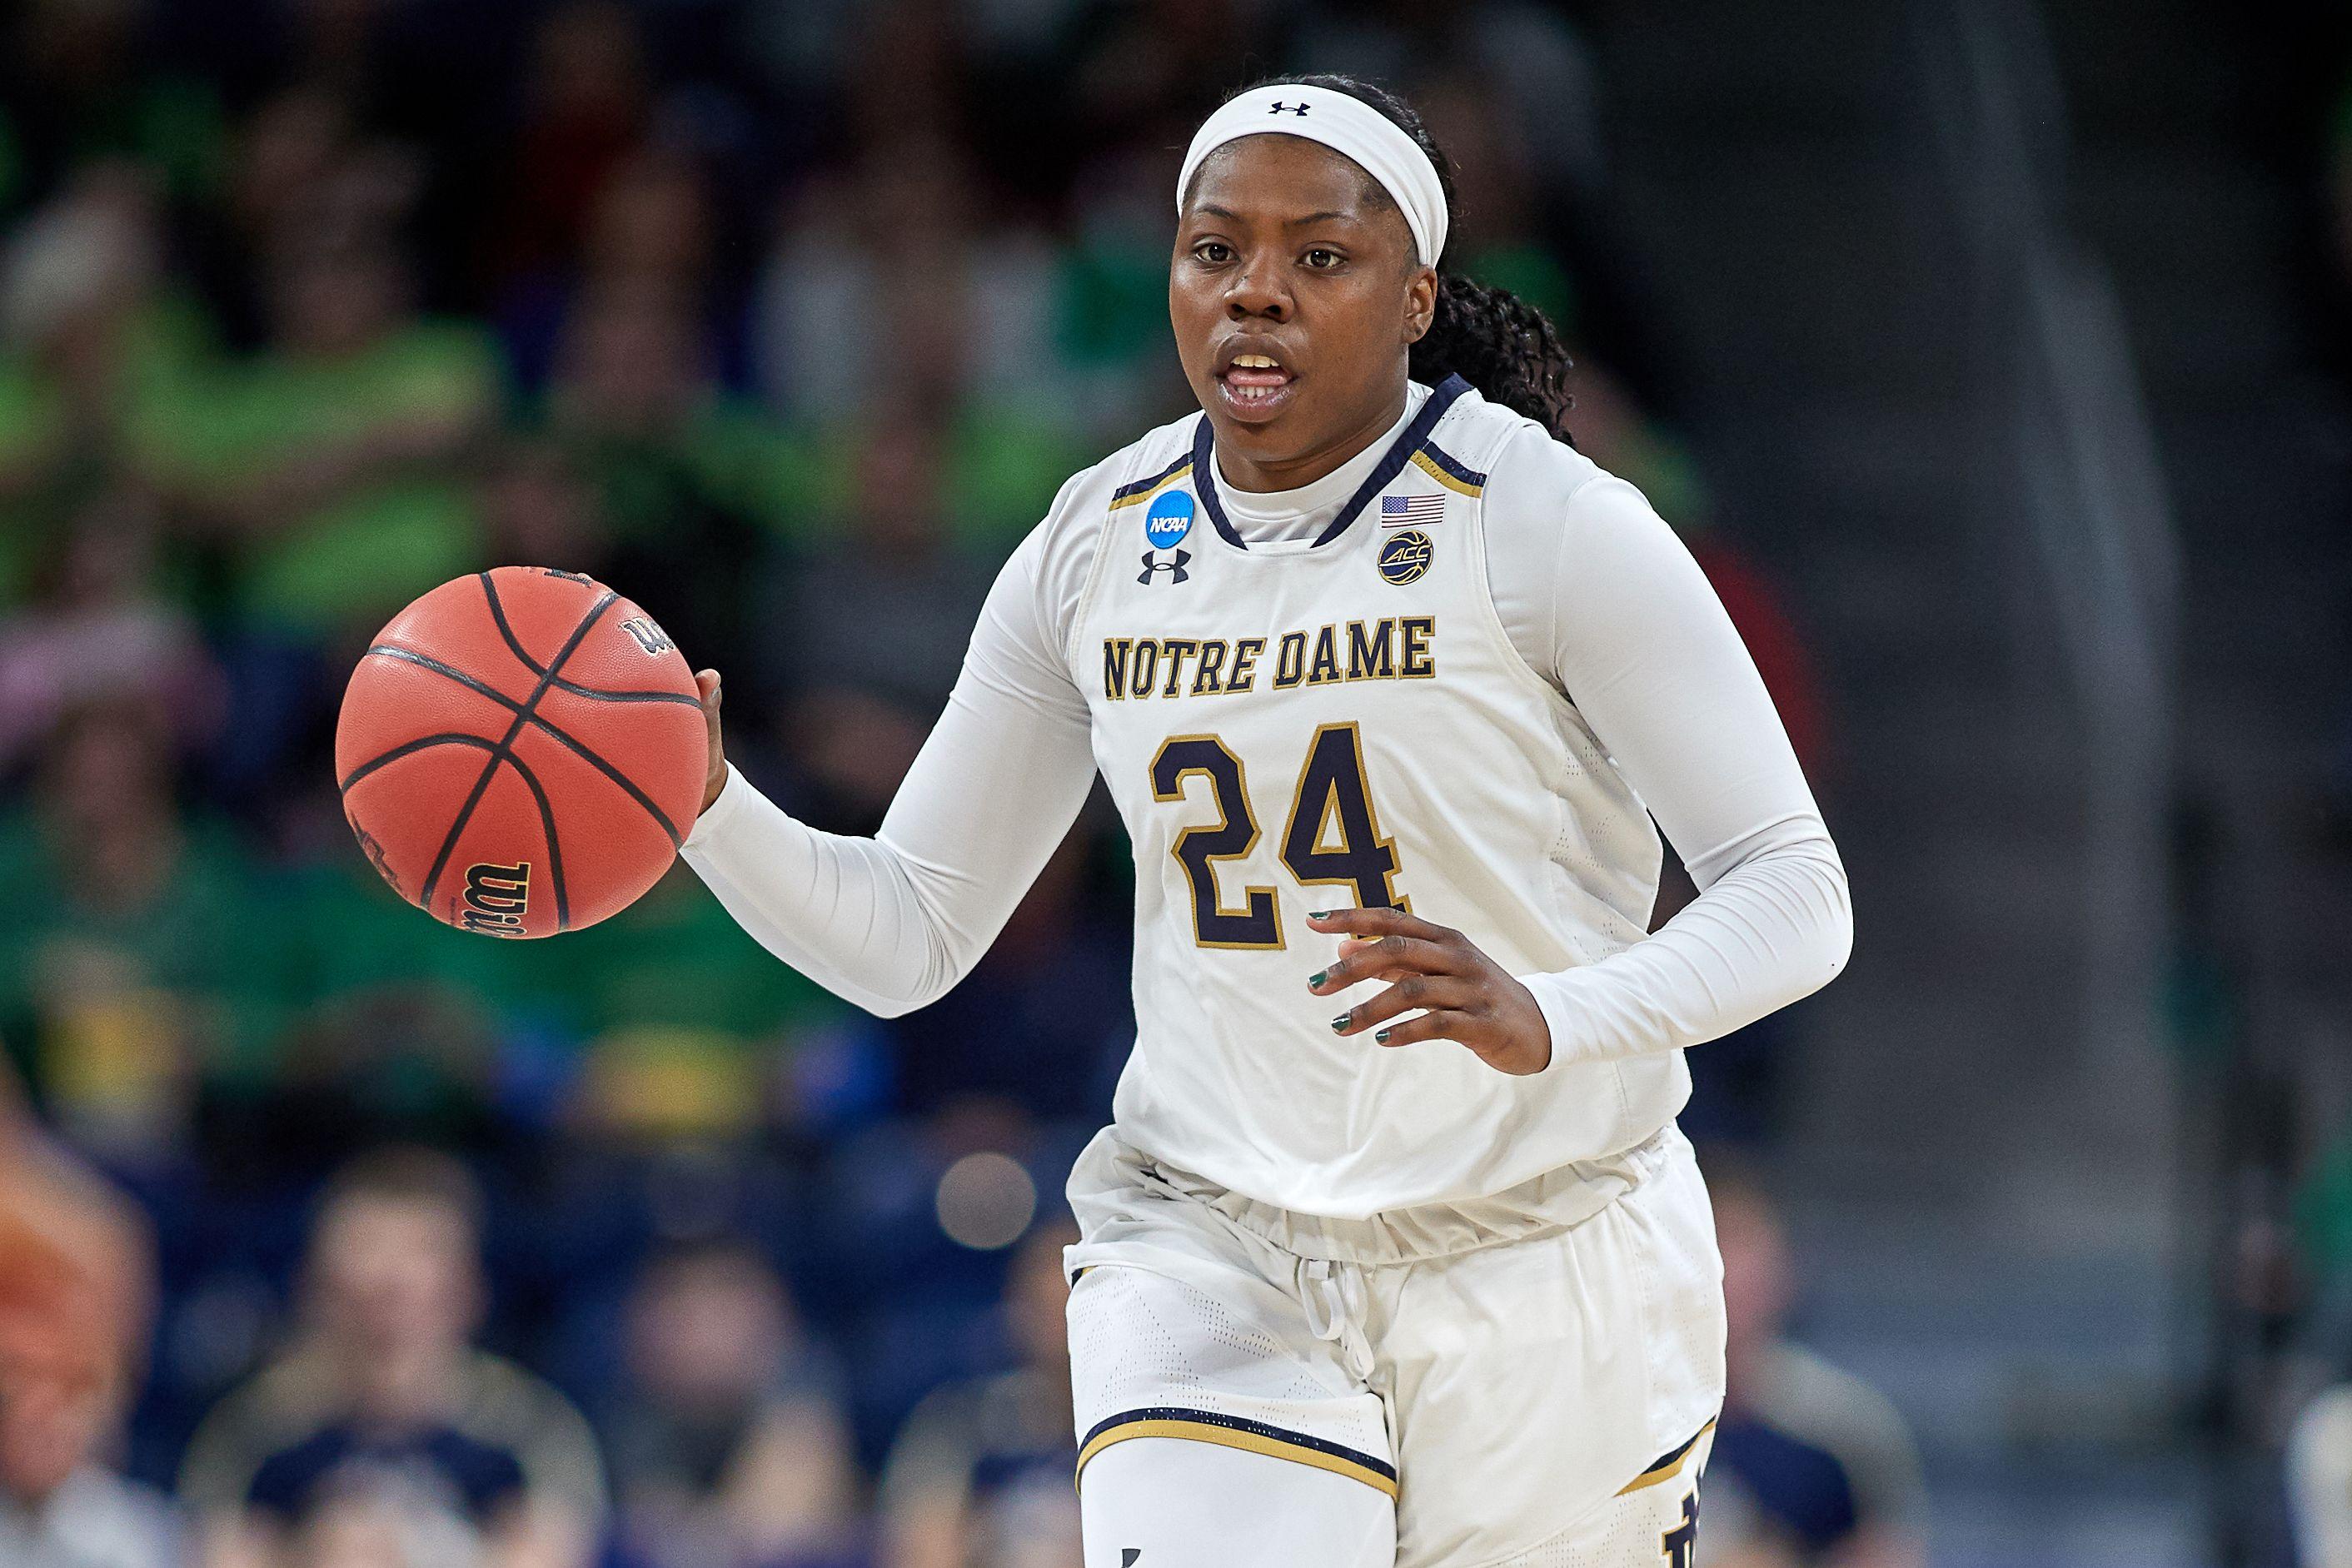 Notre Dame's Arike Ogunbowale